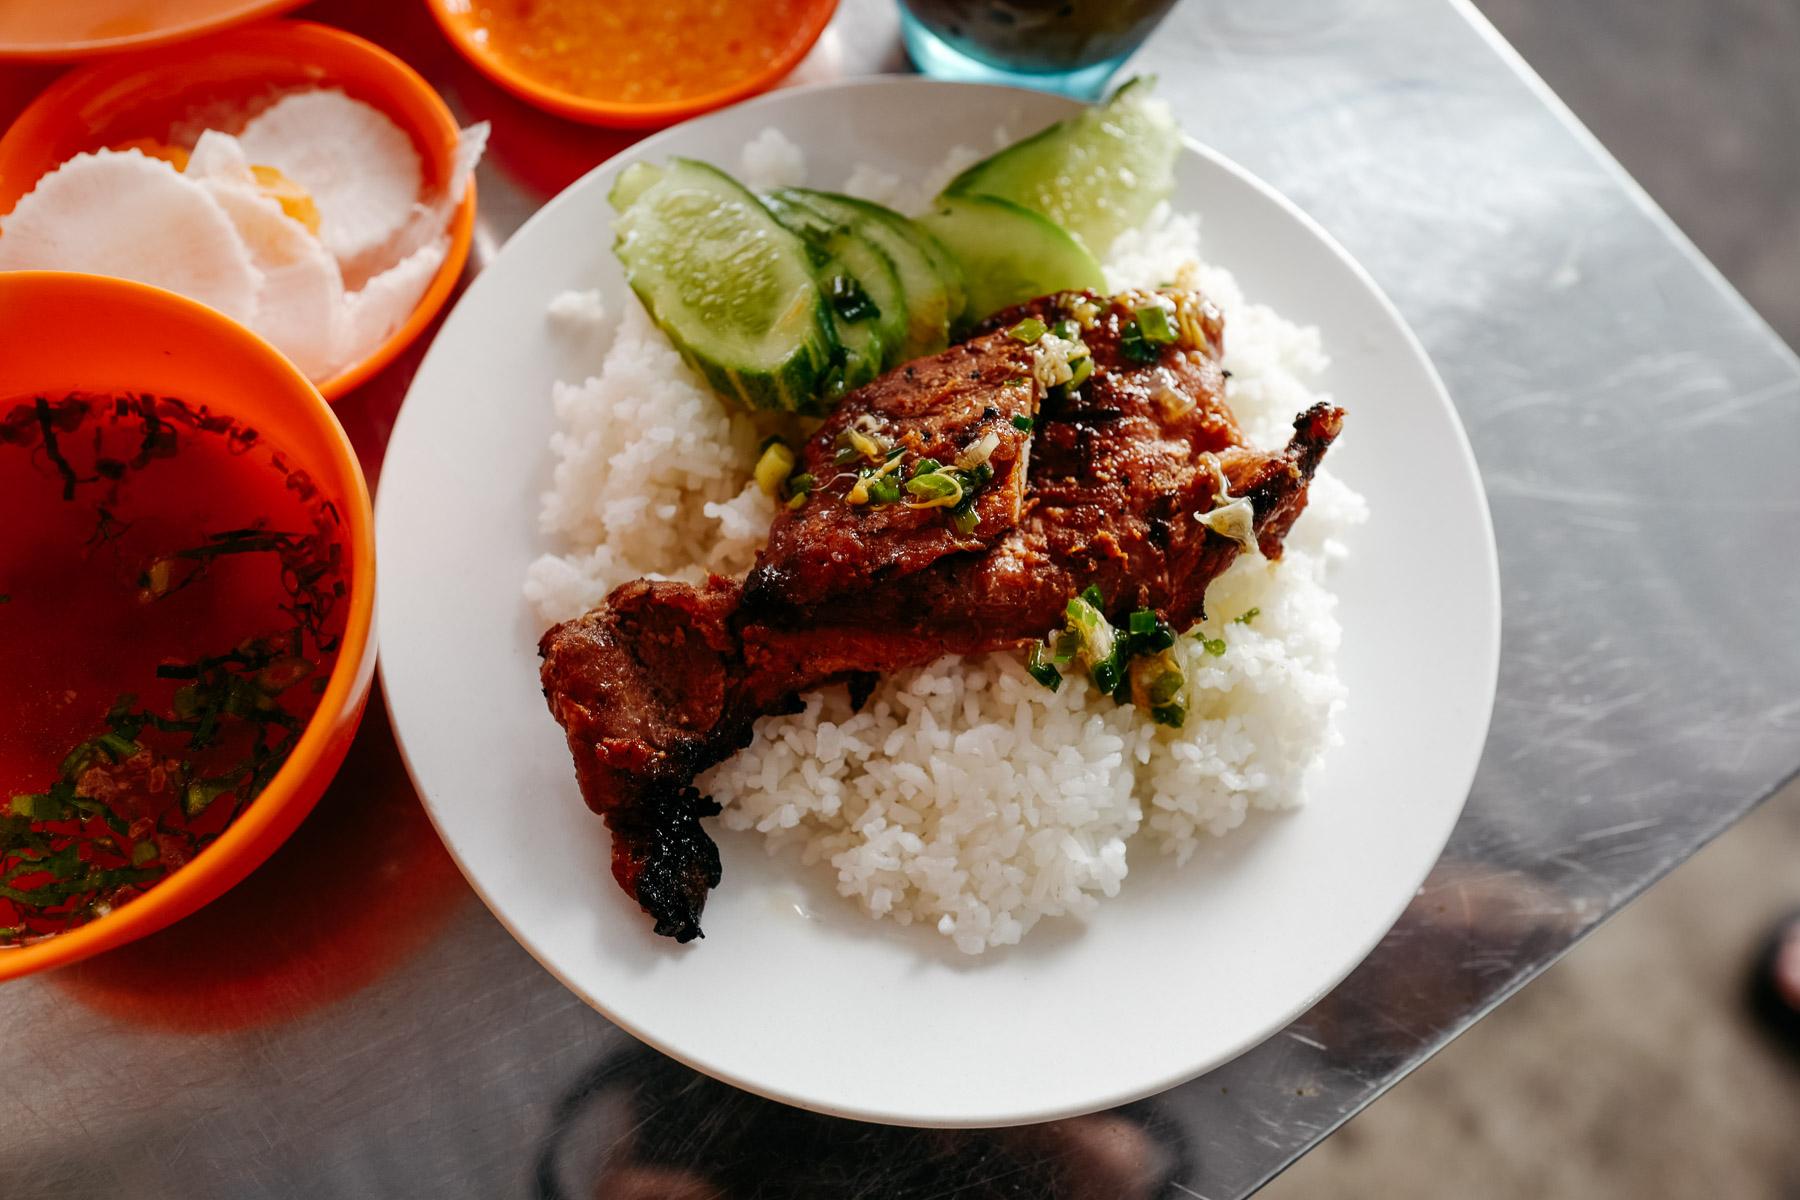 Grillowana wieprzowina z ryżem (Bai sach chrouk, បាយសាច់ជ្រូក)